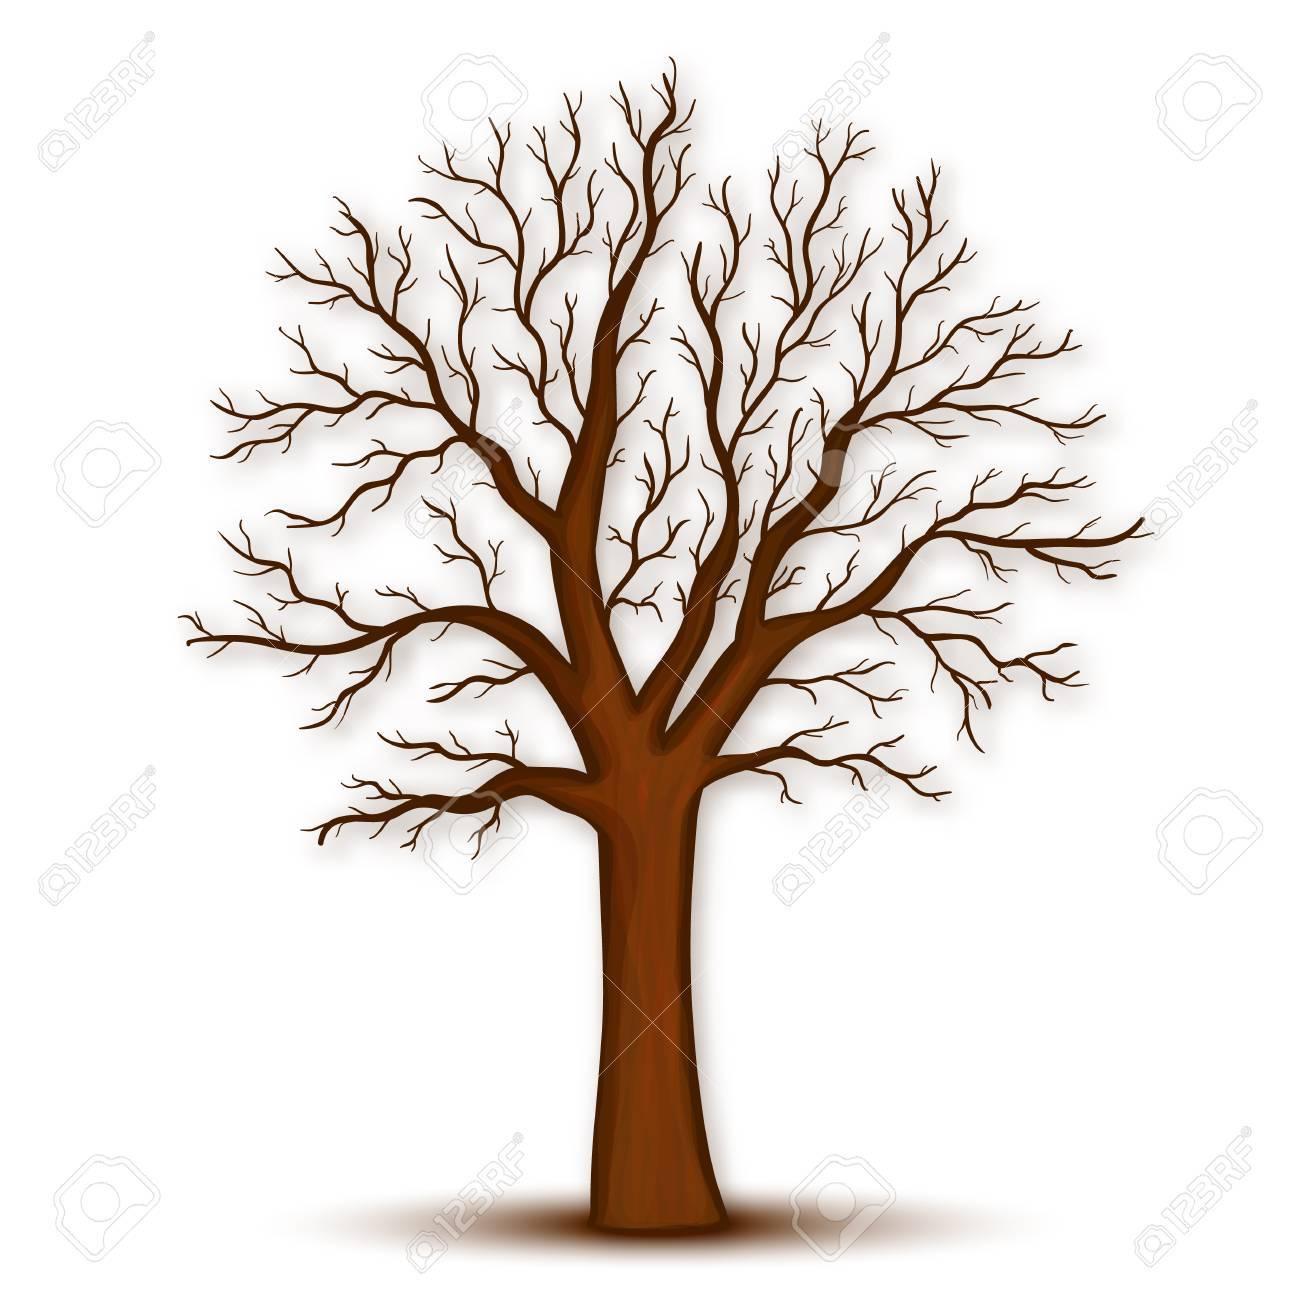 Ausmalbild Kahler Baum Ausmalbilder Kostenlos Zum Ausdrucken